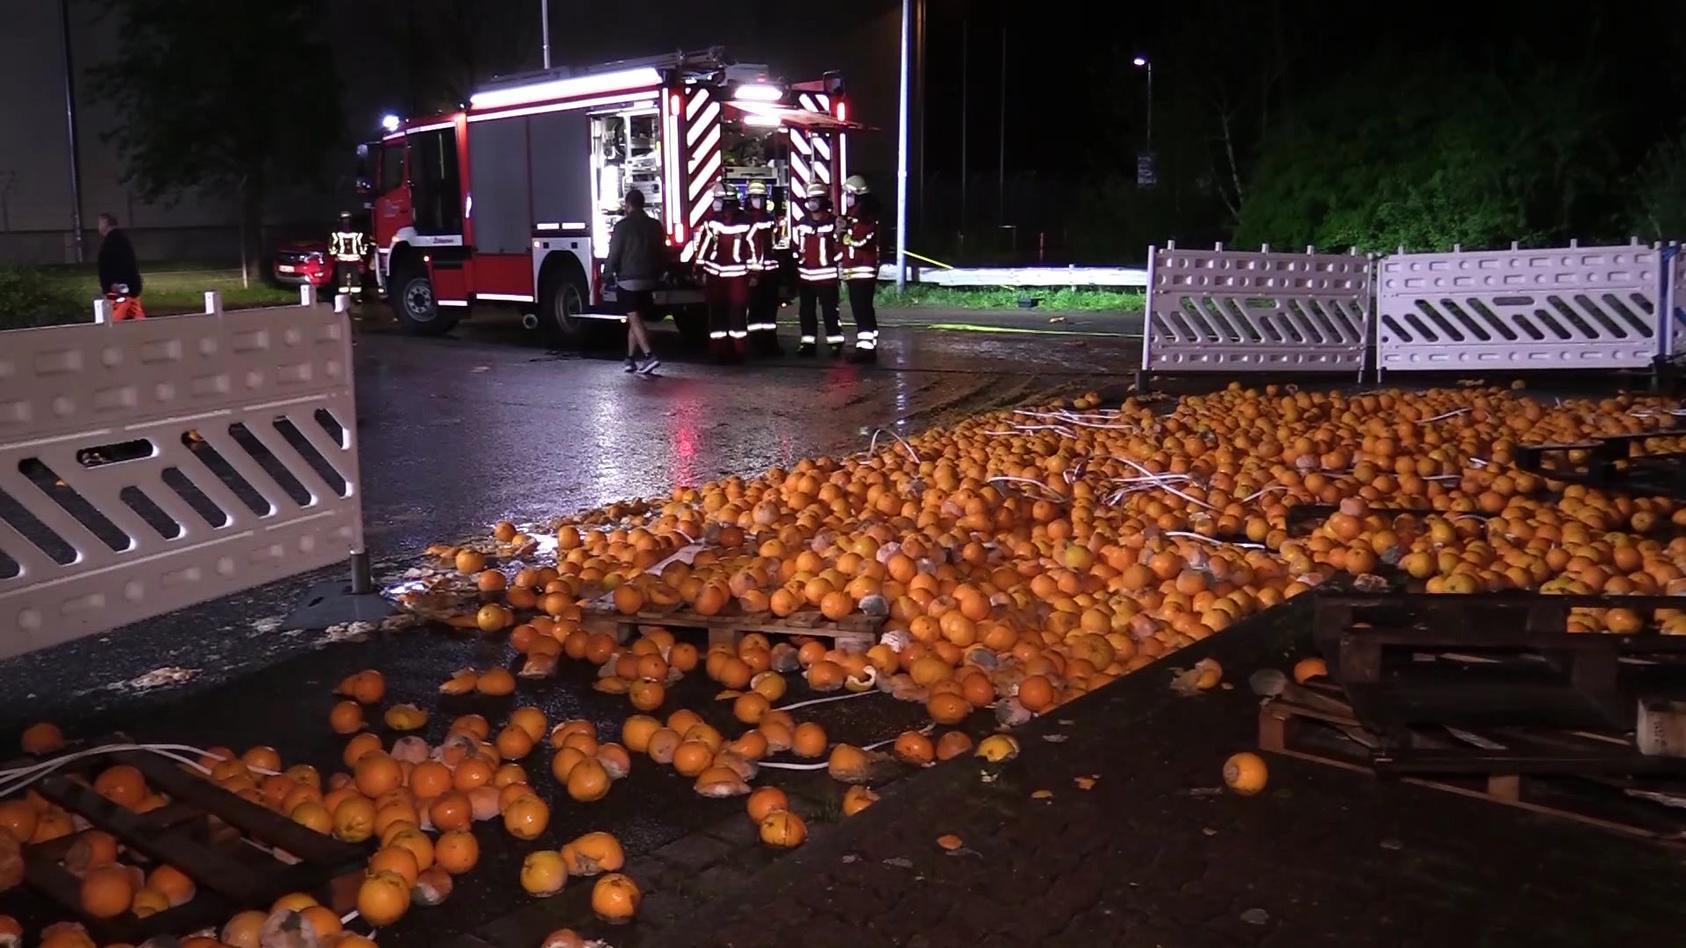 Mehrere Tonnen Orangen liegen am Straßenrand in Neu Wulmstorf.